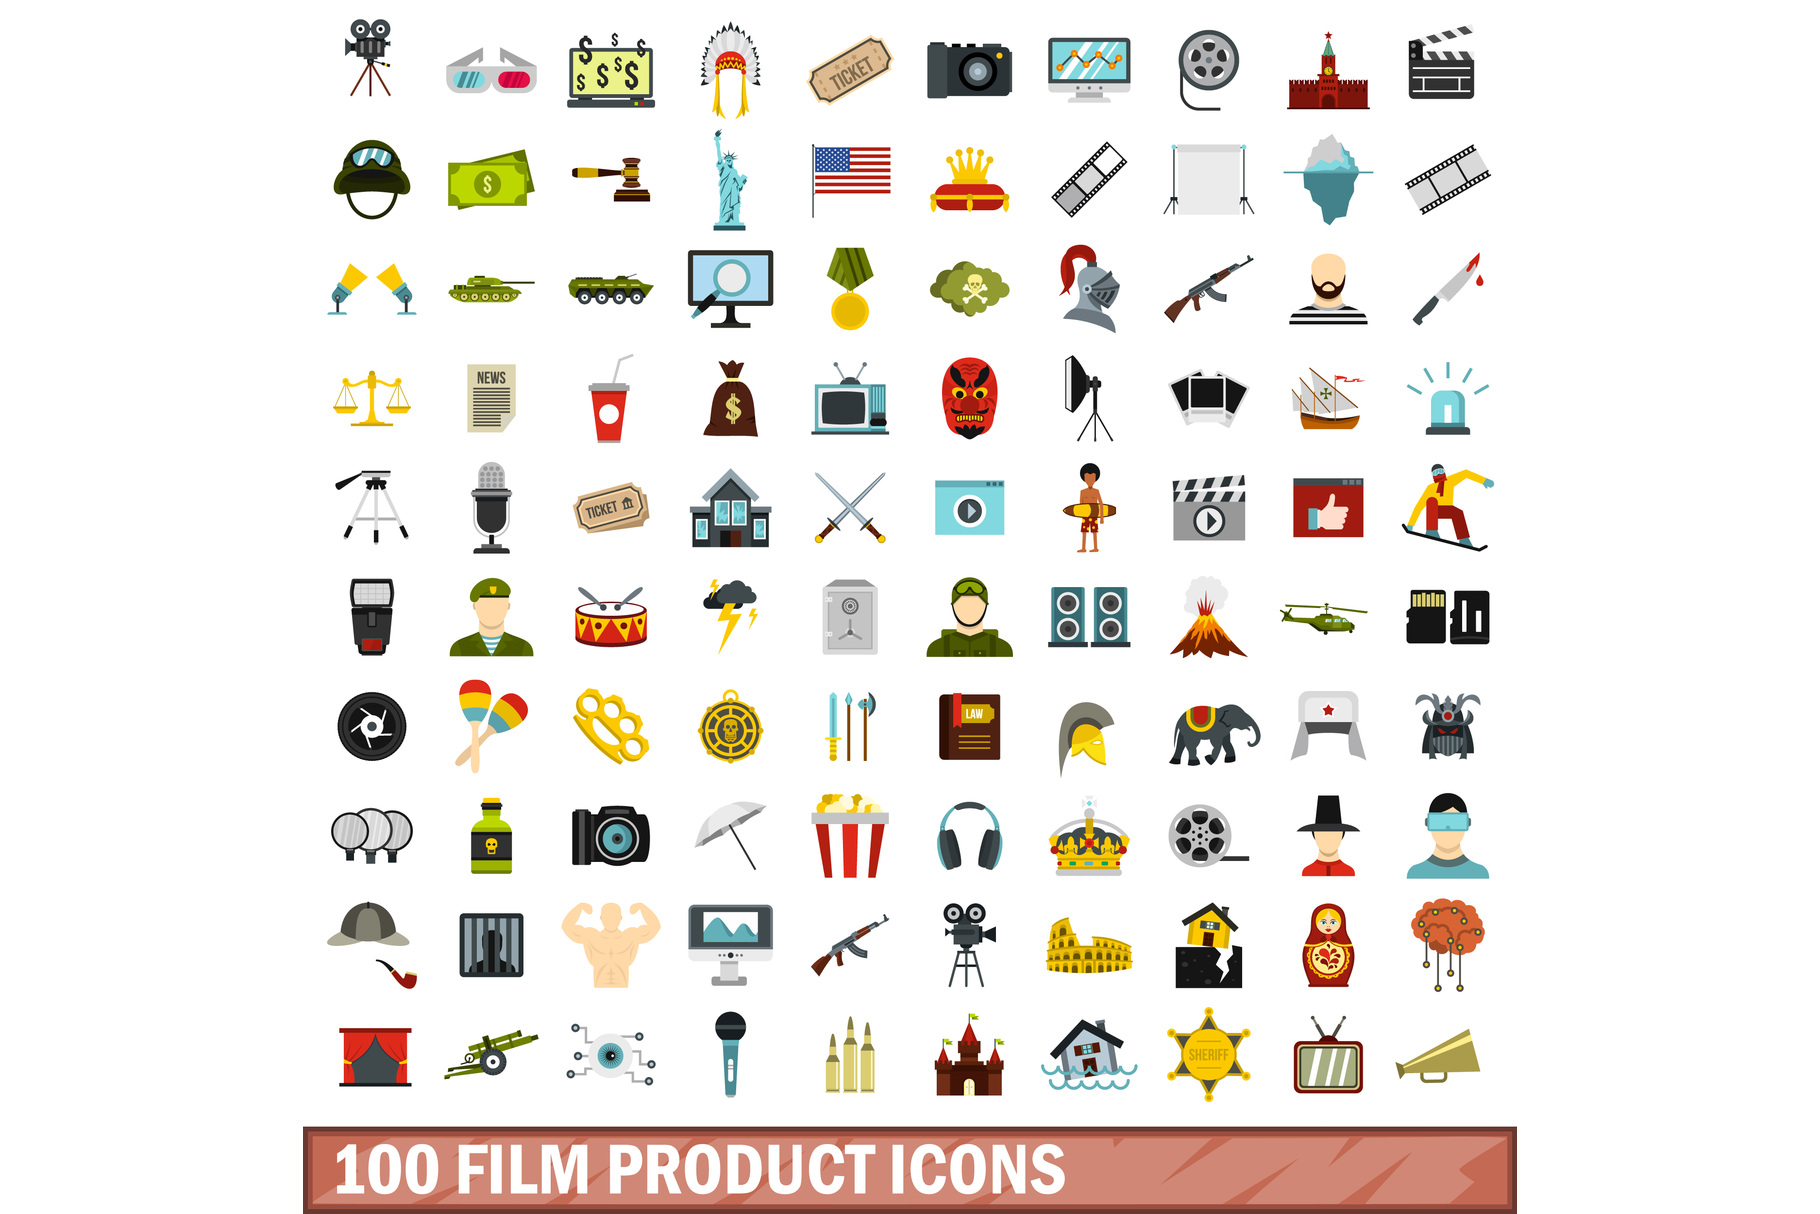 100 film product icons set, flat style example image 1